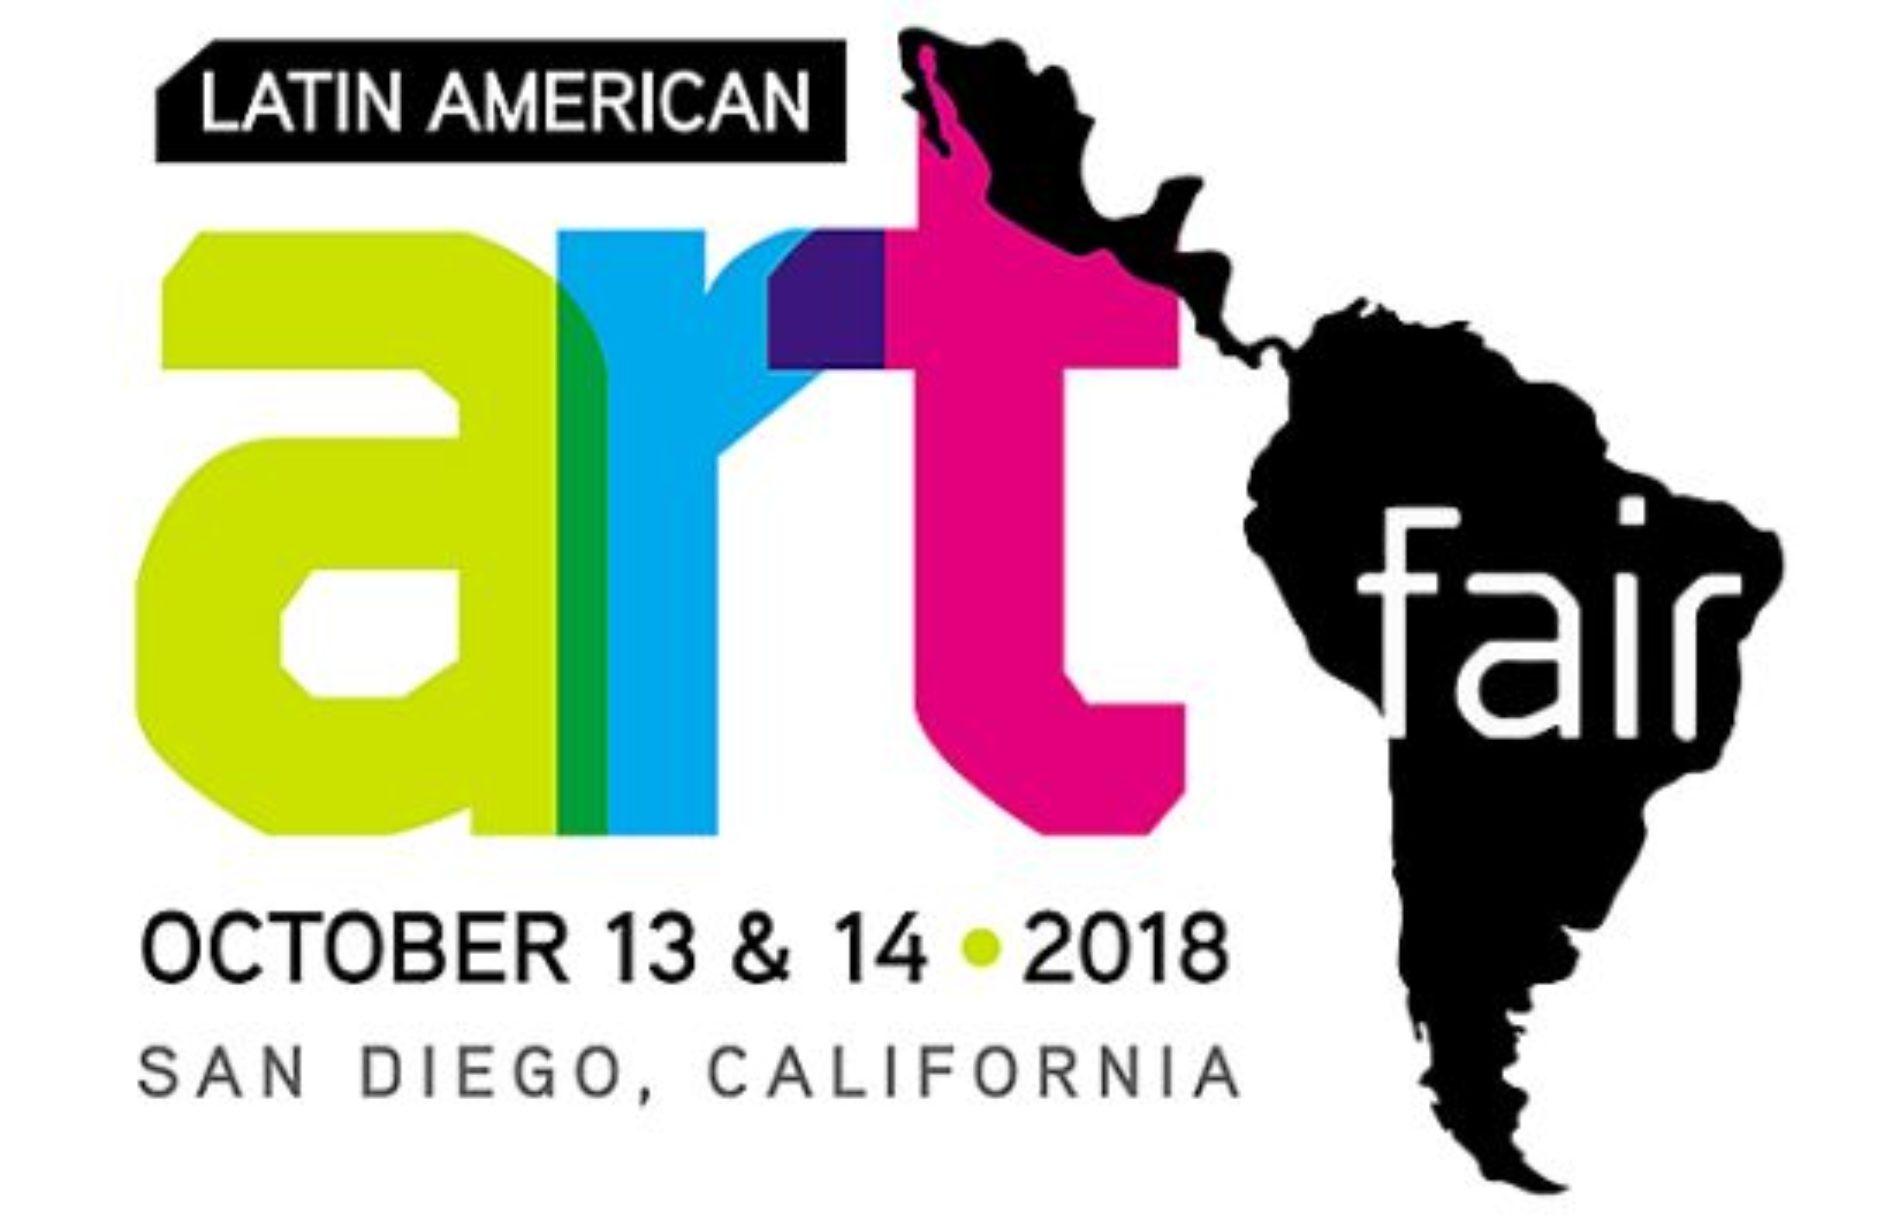 Comienzan los preparativos para Latin American Art Fair